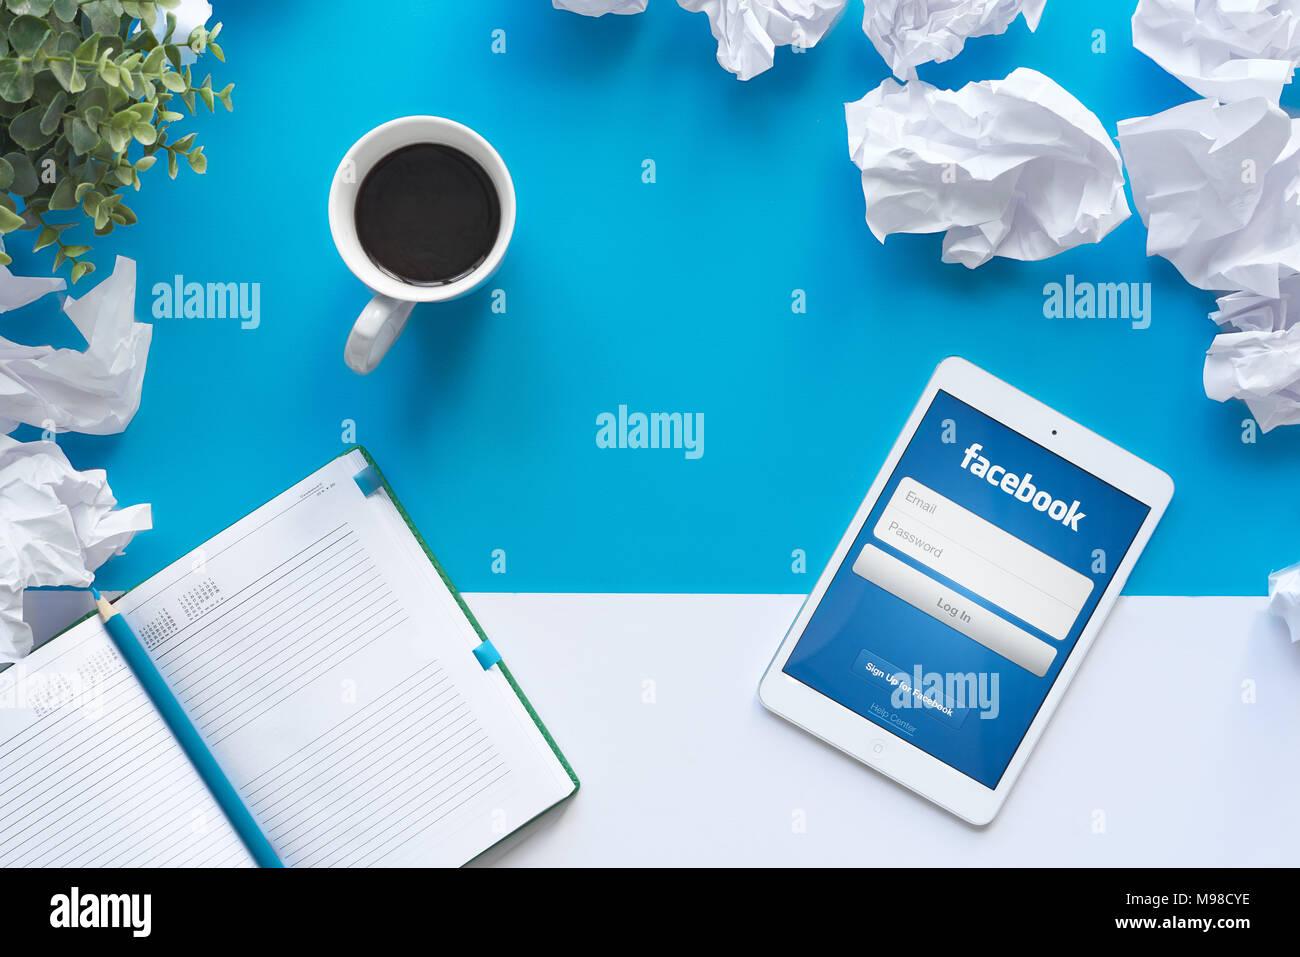 Facebook es un American online los medios sociales y las redes sociales de empresa de servicios con sede en Menlo Park, California. Imagen De Stock